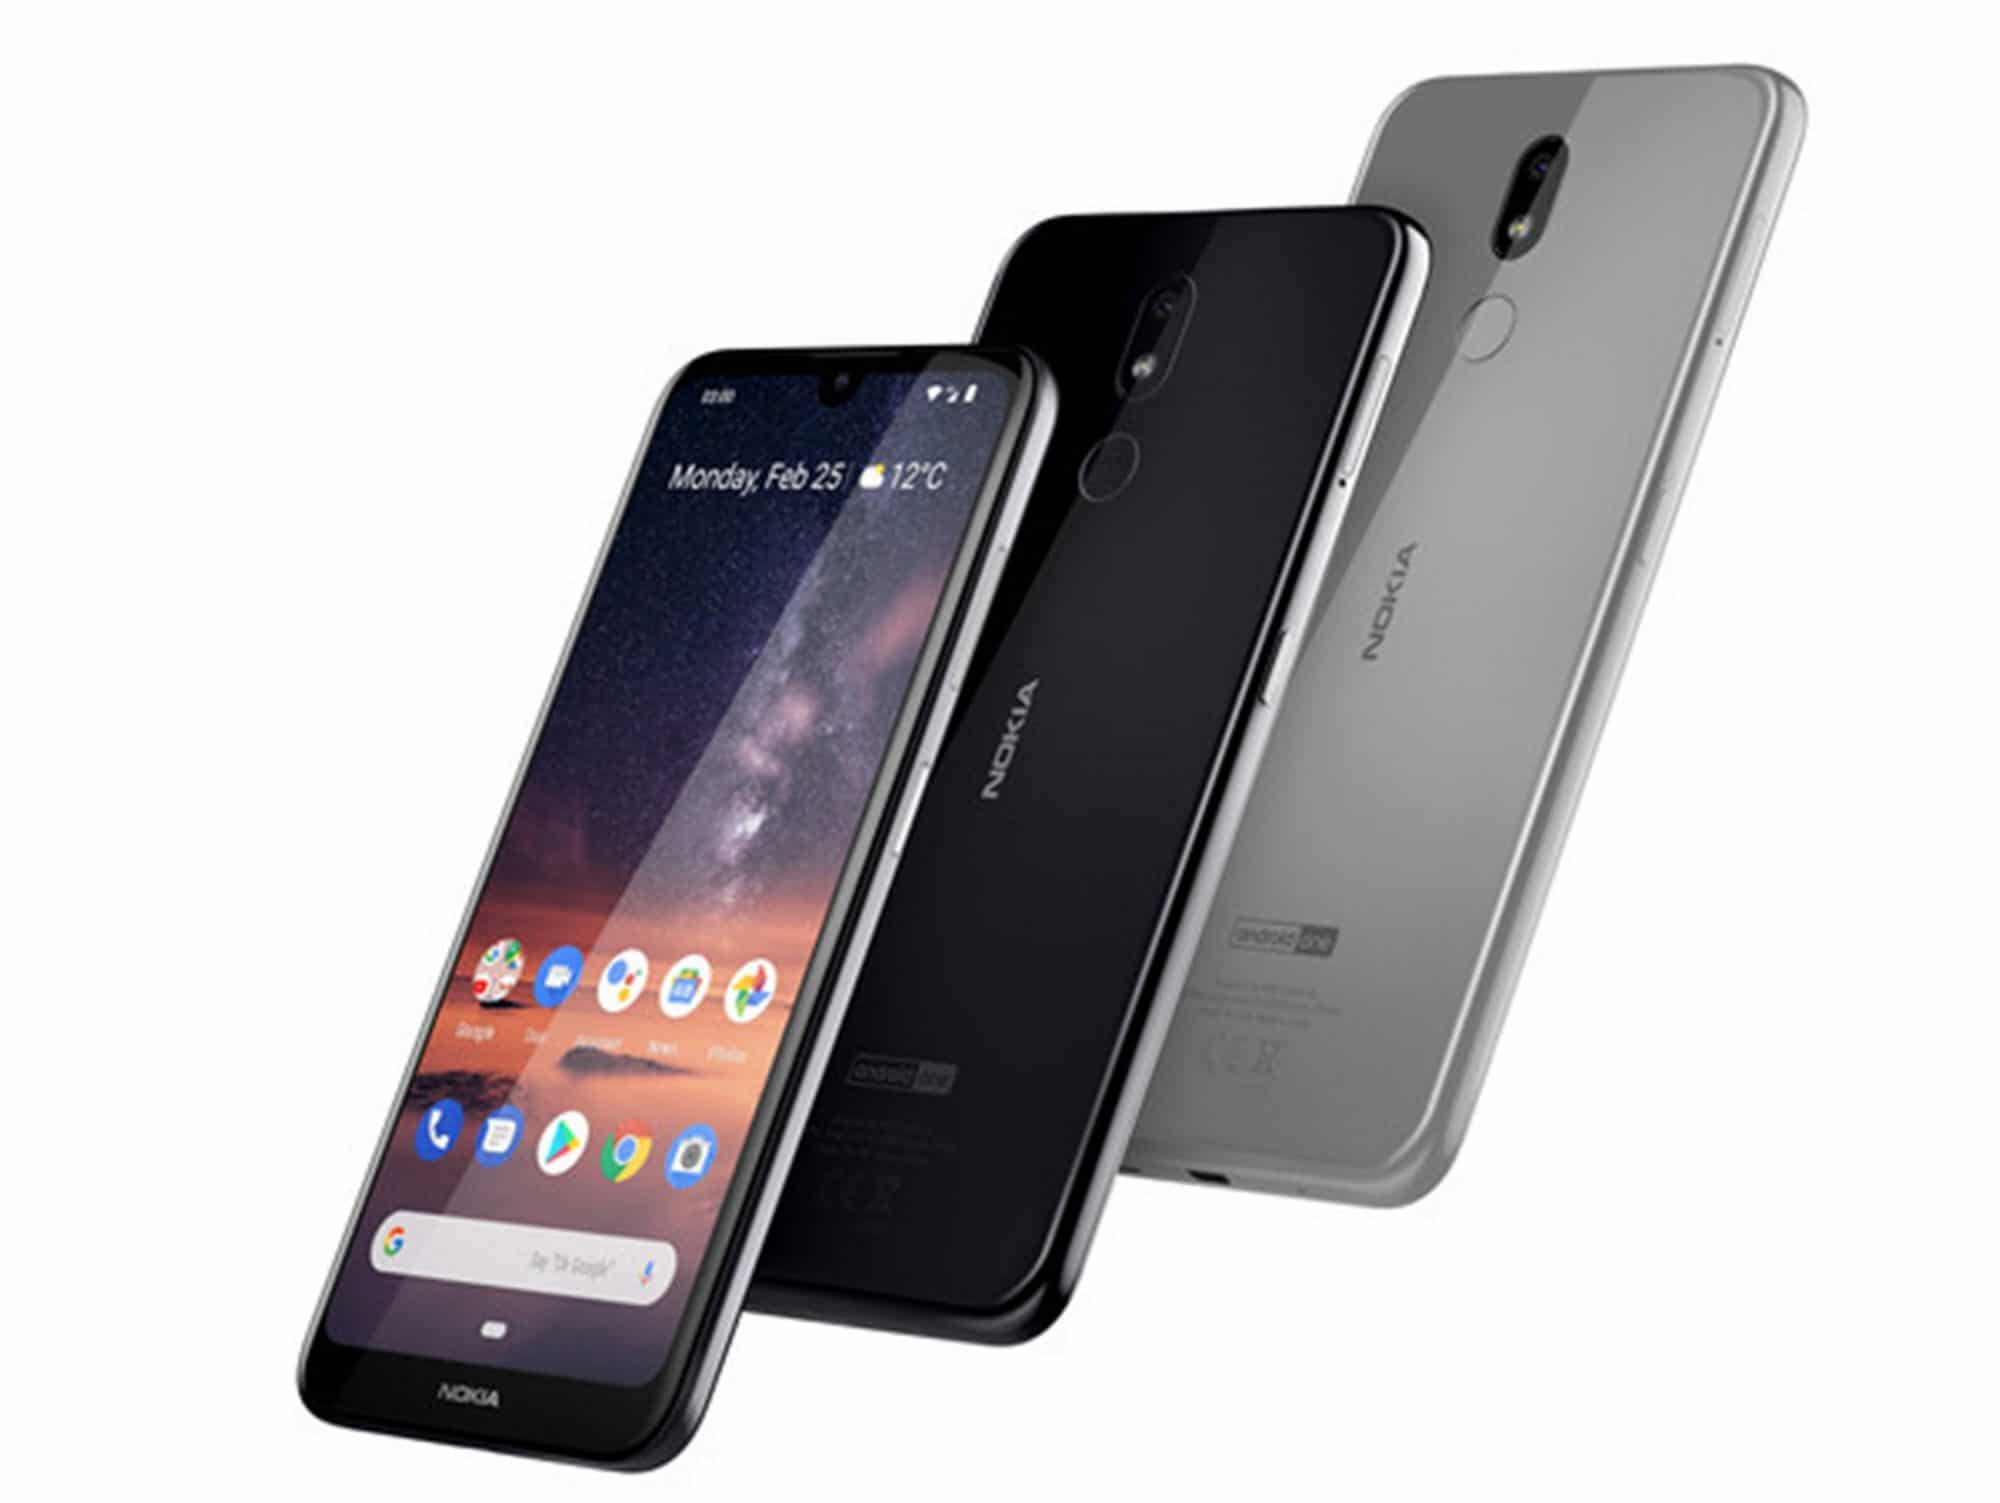 เปิดตัว nokia 3.2 แบต 4,000 mah ในราคาเพียง 3,990.- - เปิดตัว Nokia 3.2 แบต 4,000 mAh ในราคาเพียง 3,990.-